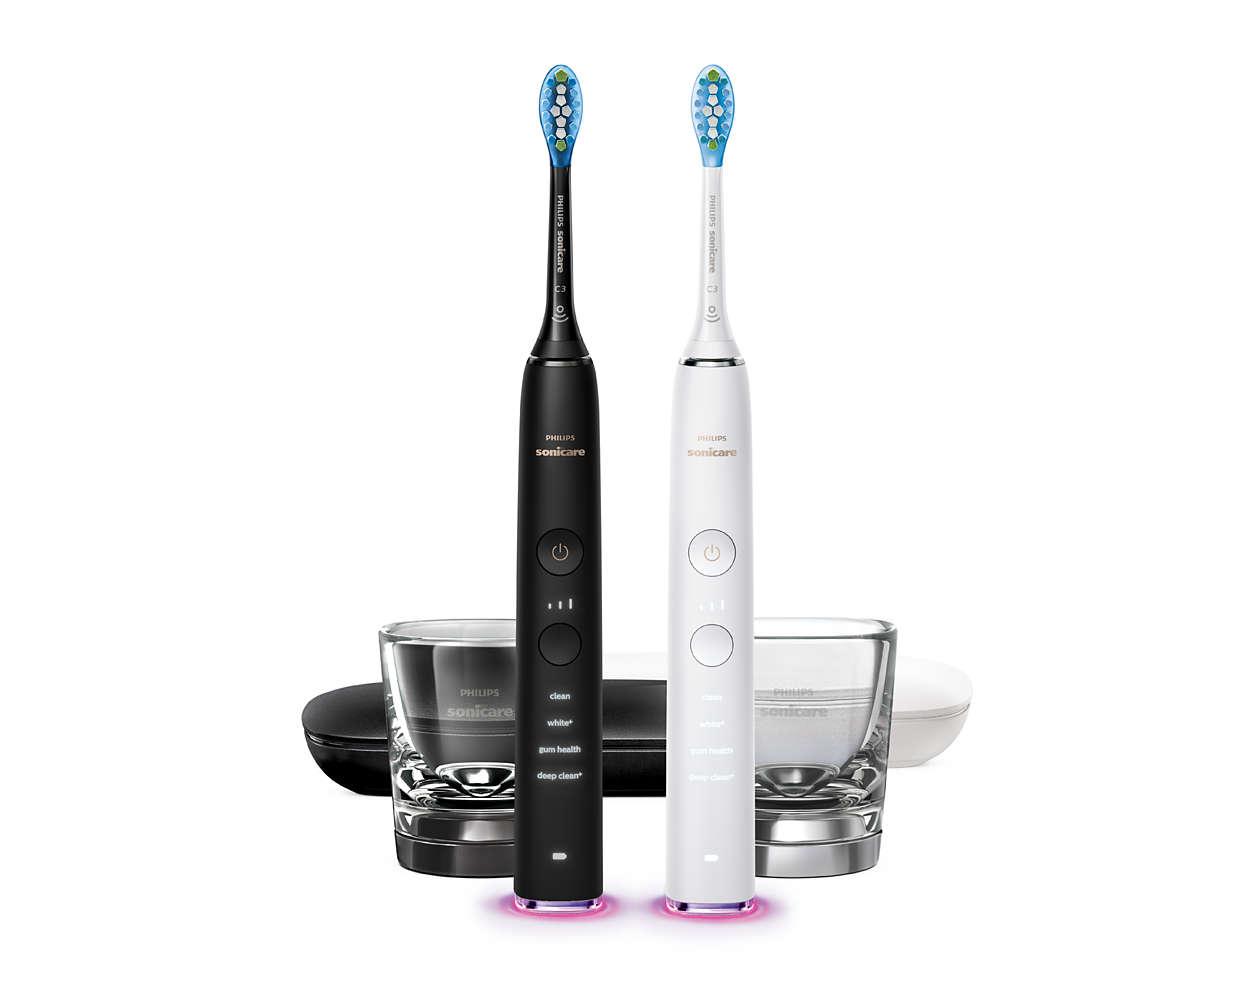 Najlepsza szczoteczka do kompleksowej pielęgnacji jamy ustnej